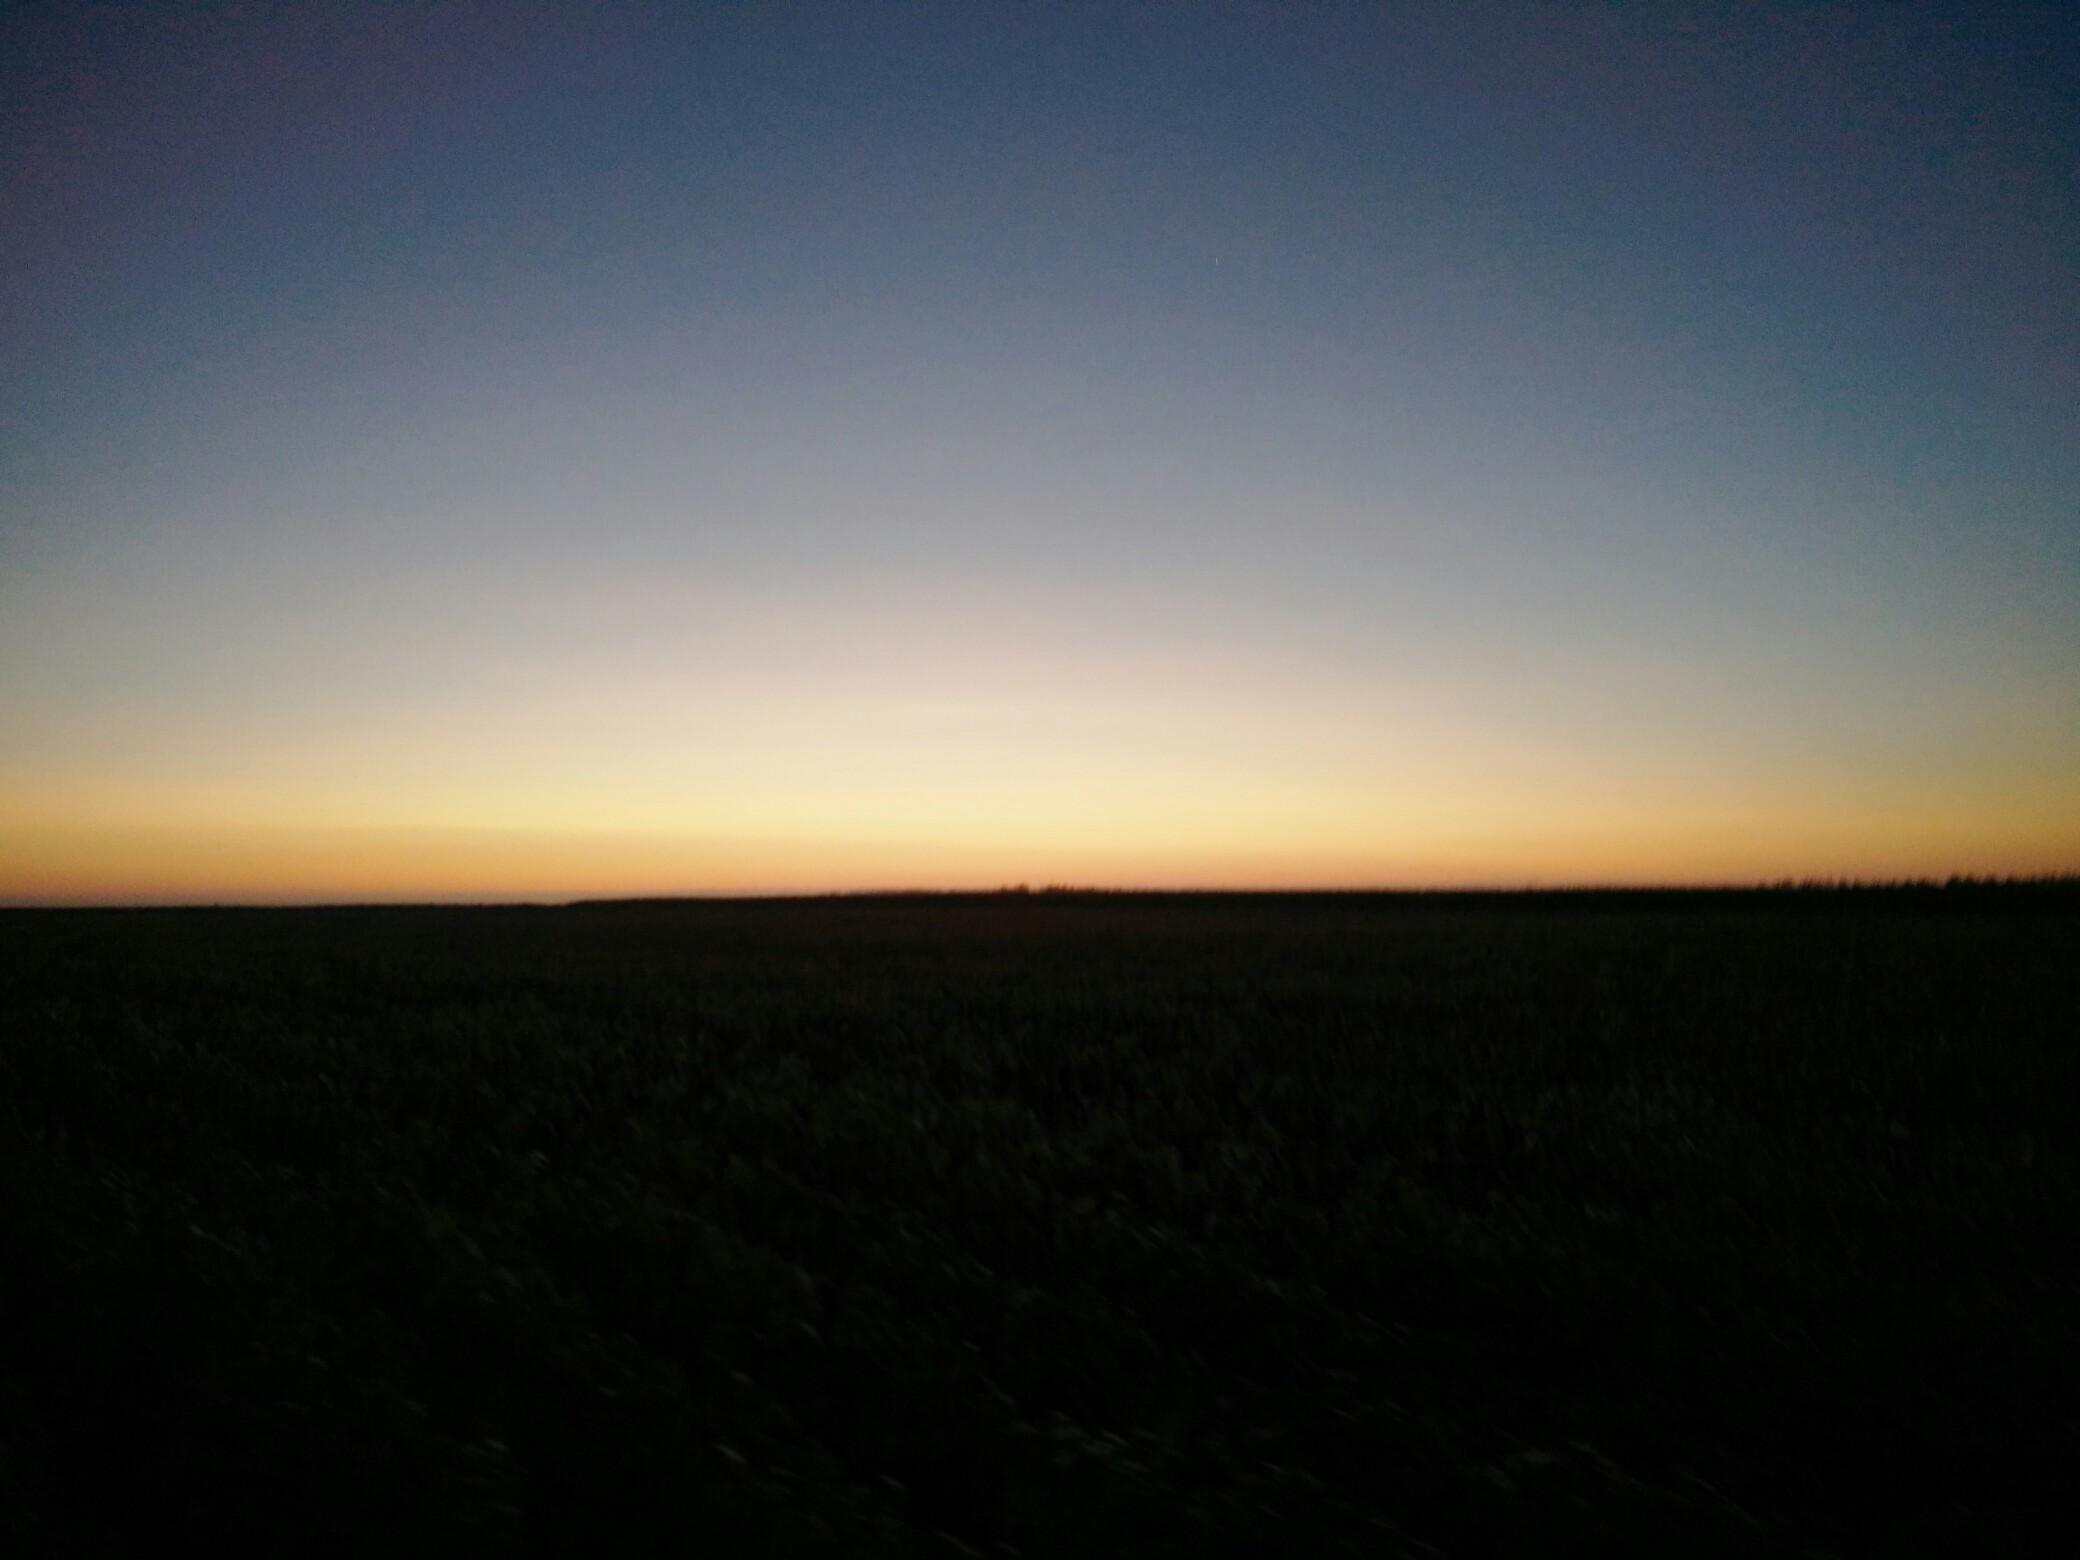 太阳刚刚升起,友友们,早安!